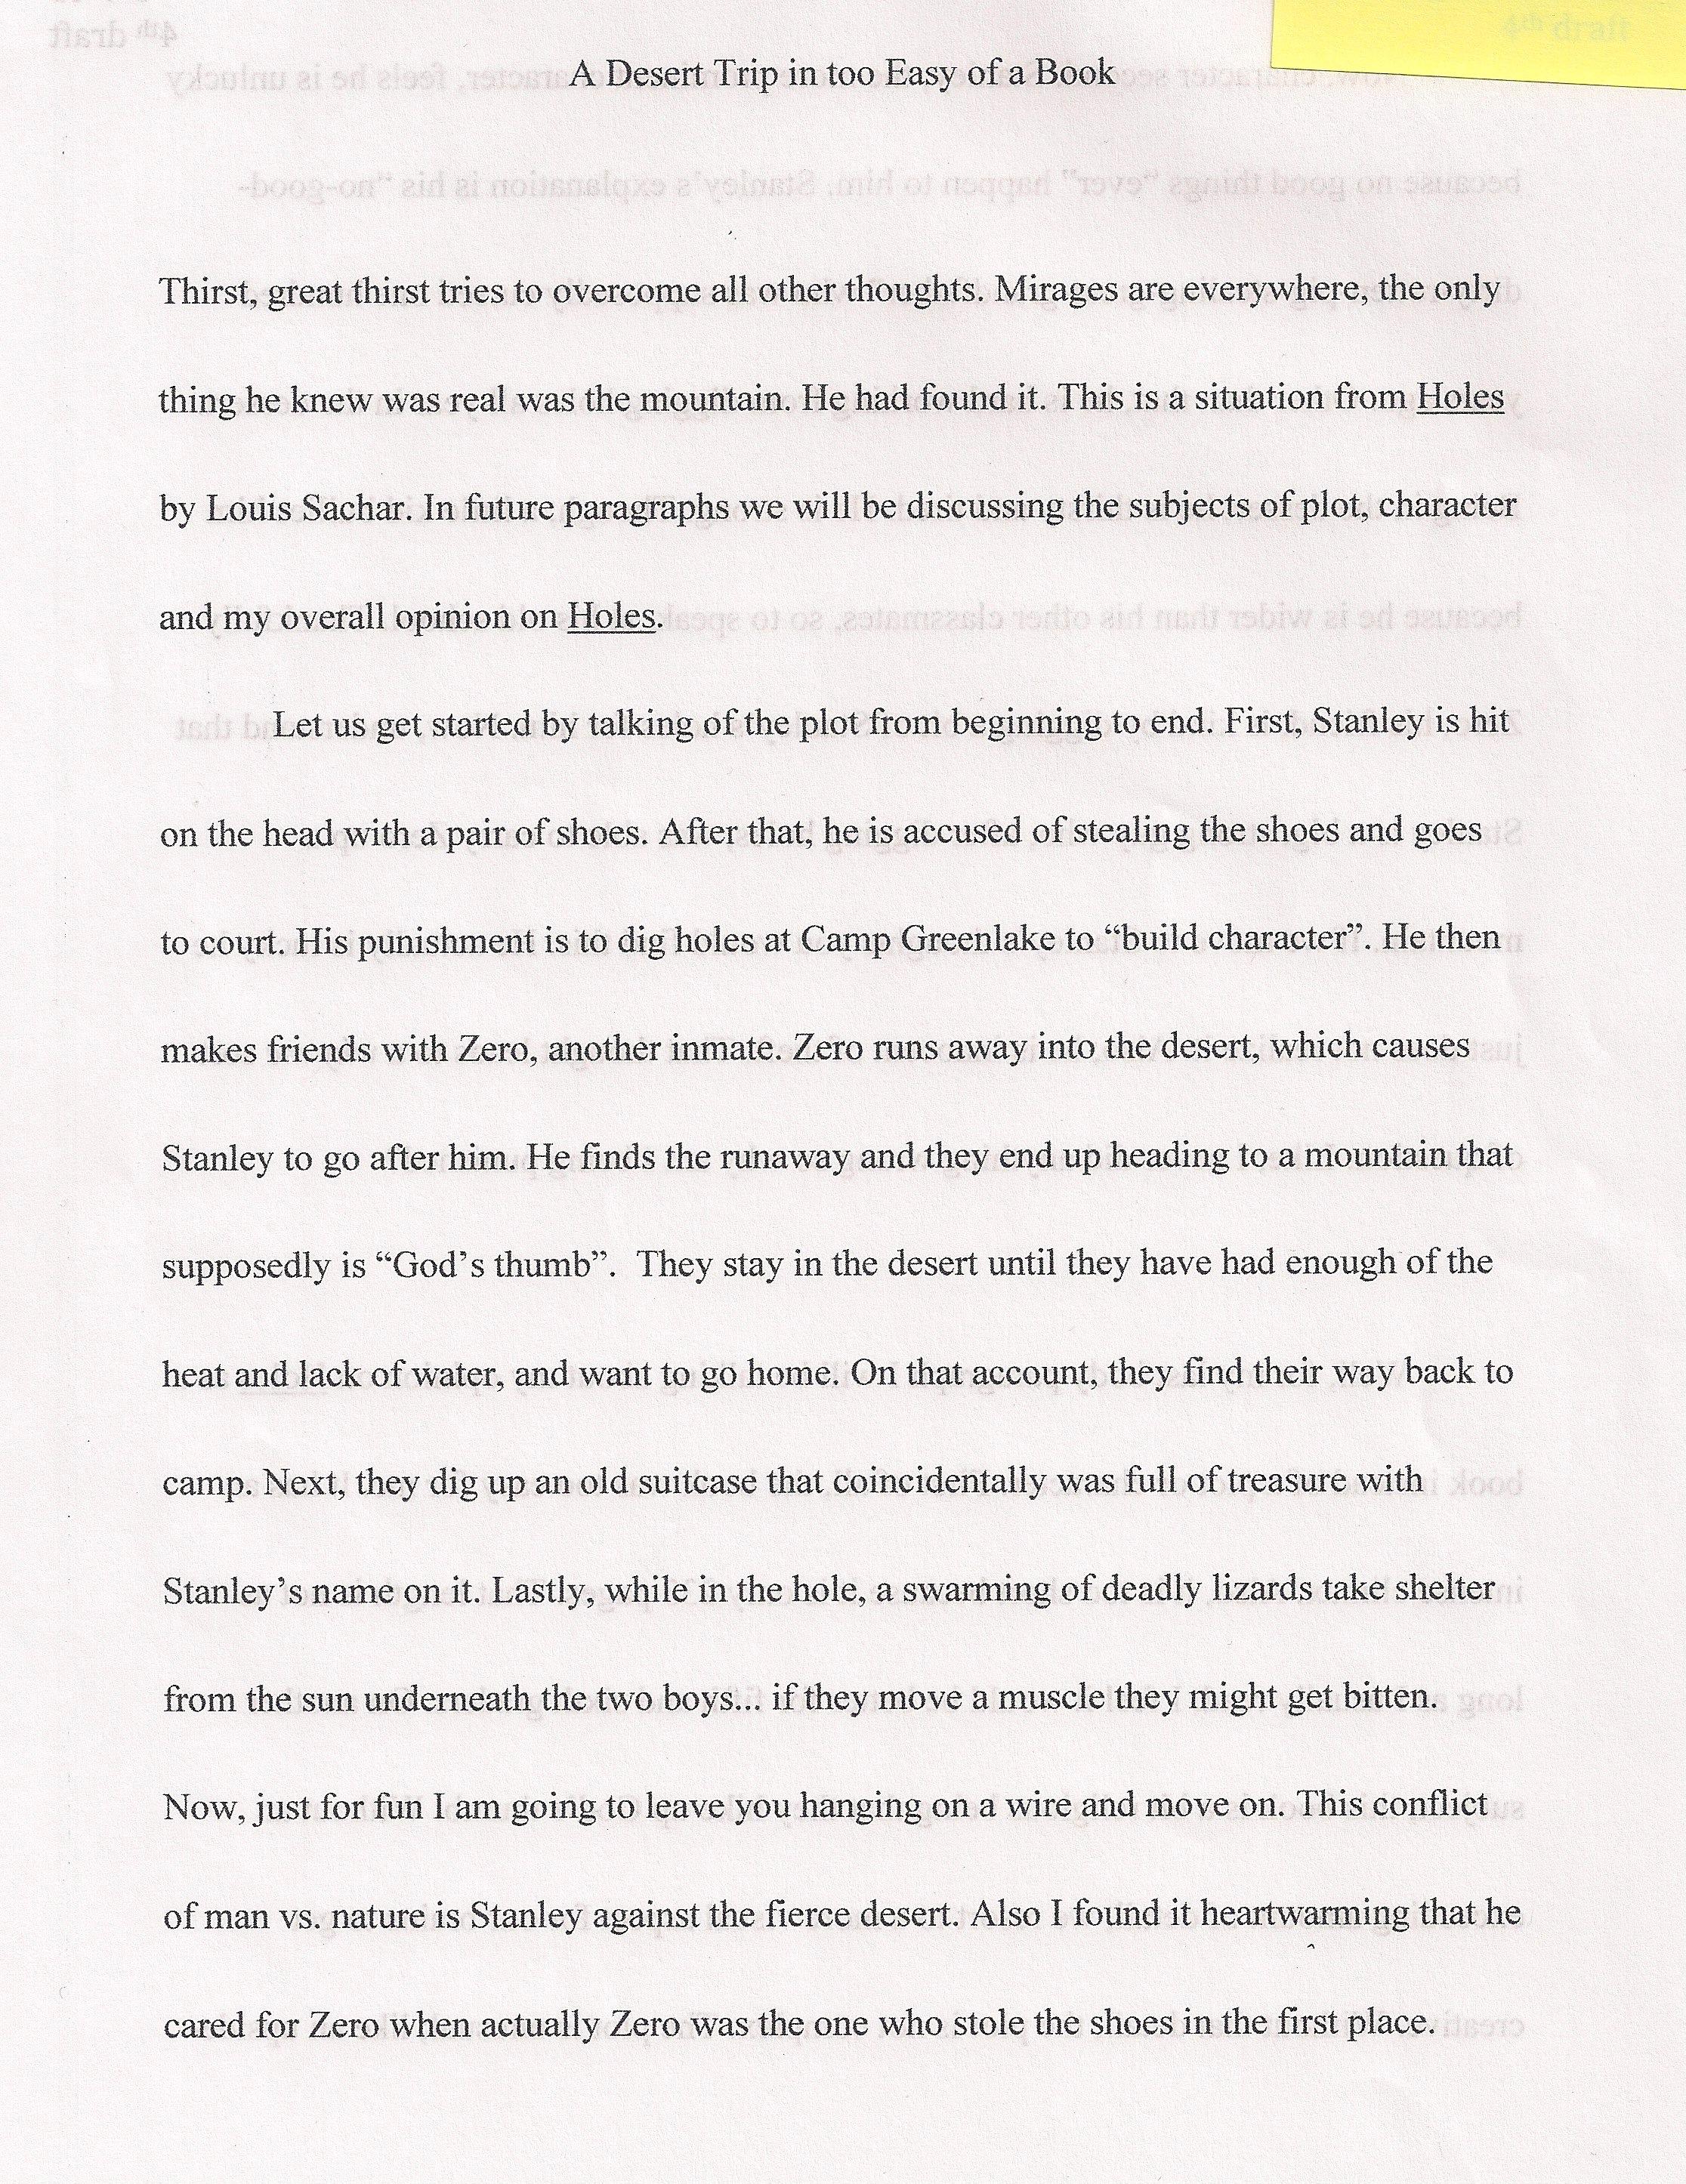 014 6th Grade Argumentative Essay Topics Example Desert Unique Sixth 6 Writing Prompts Full